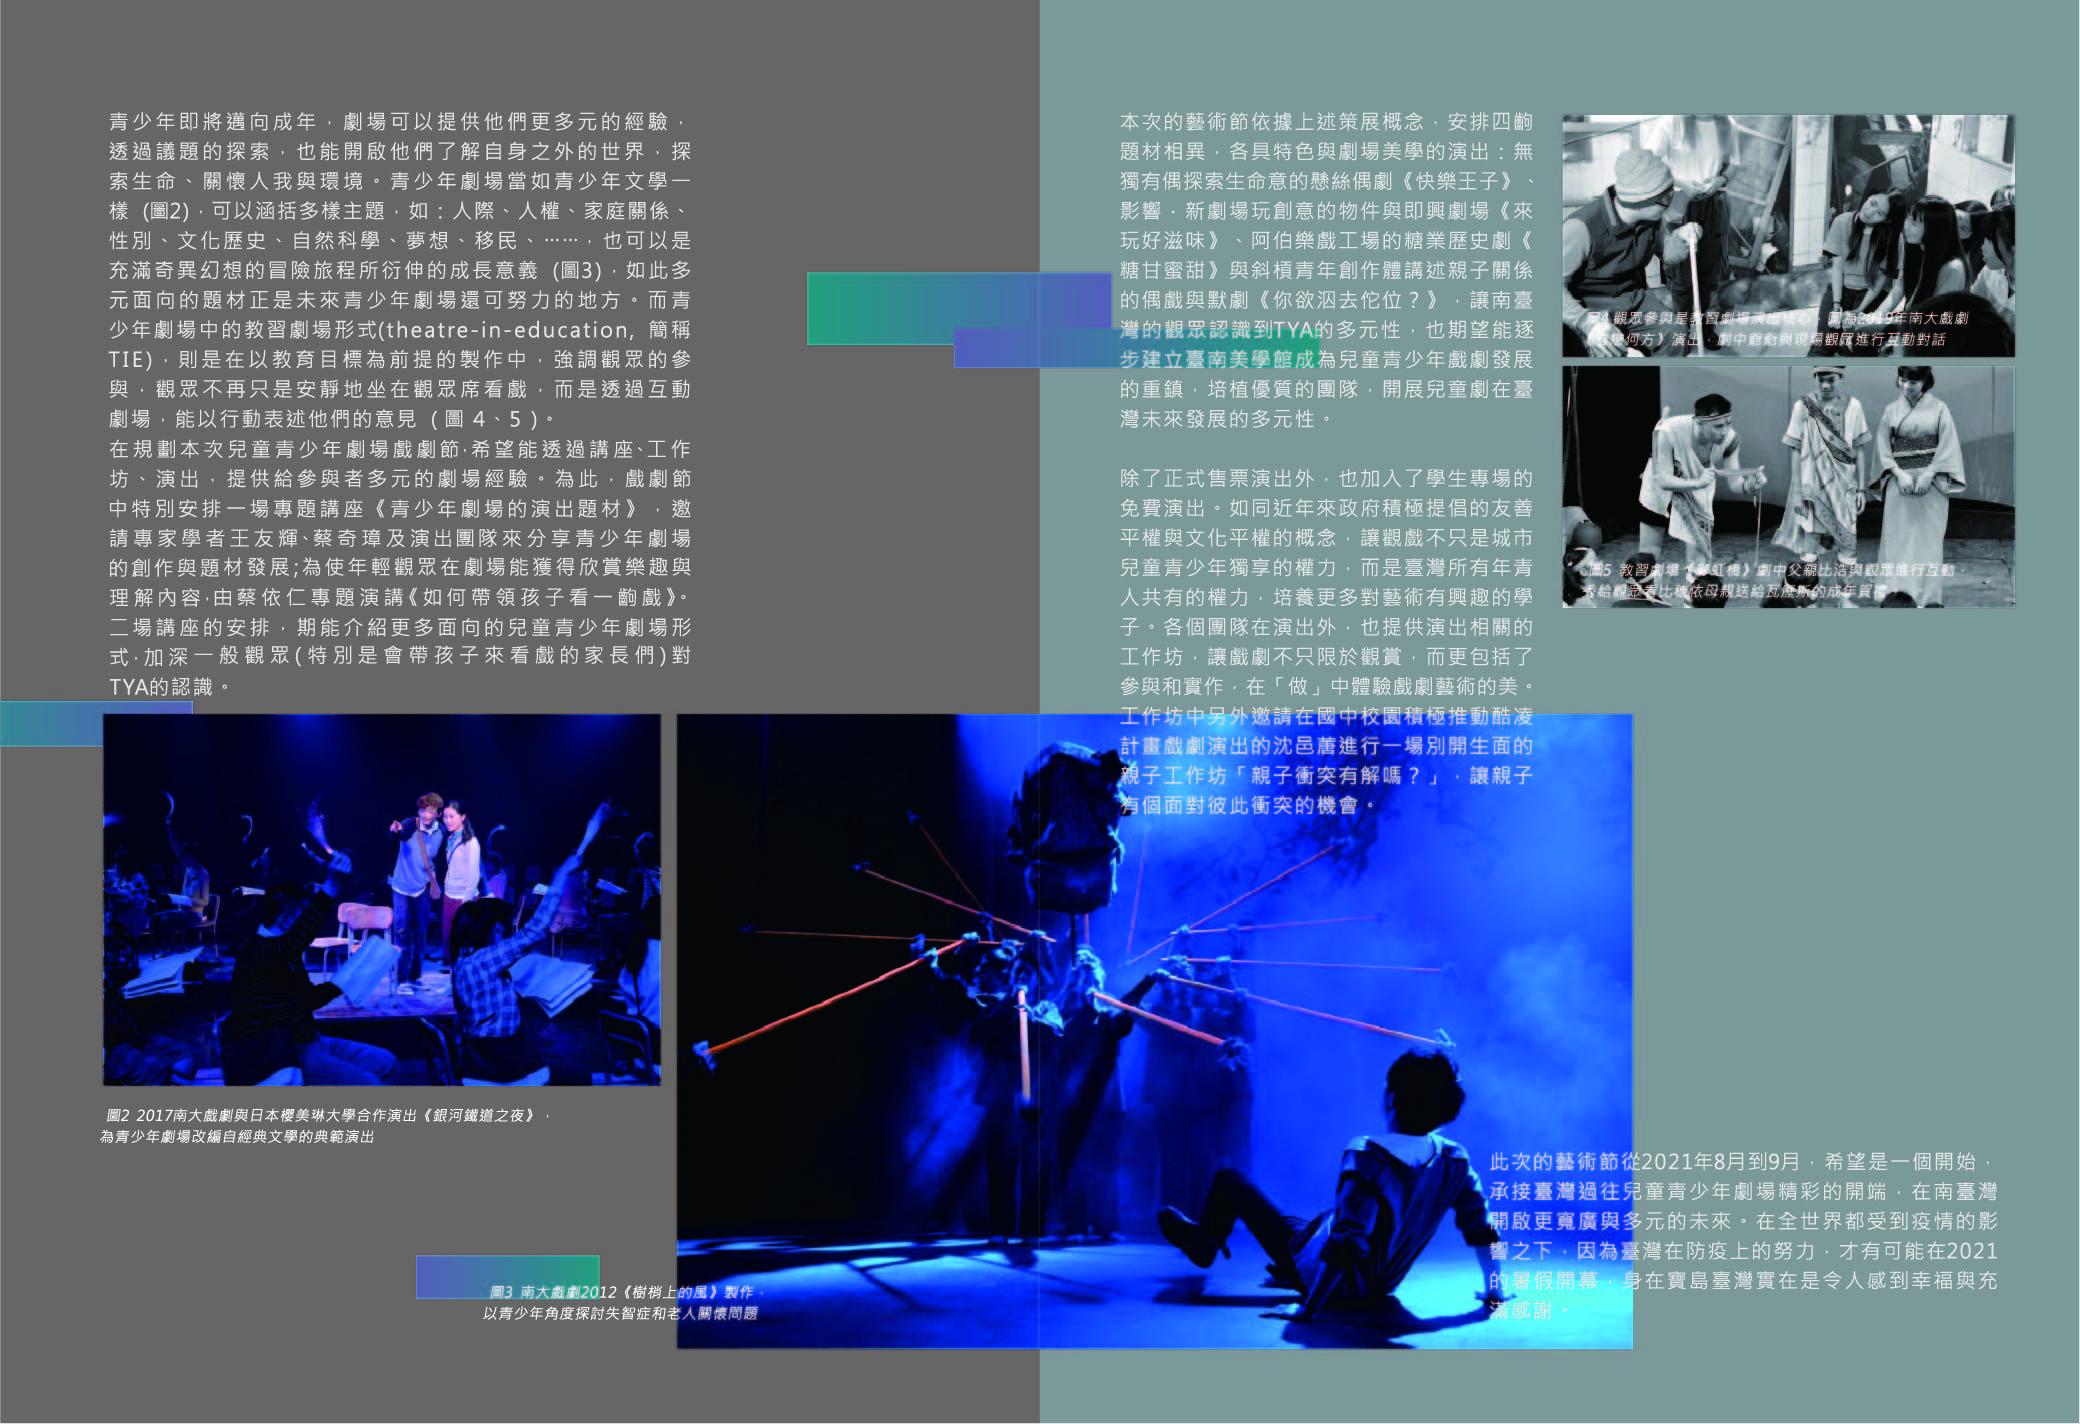 我們的青春在臺南-02.jpg